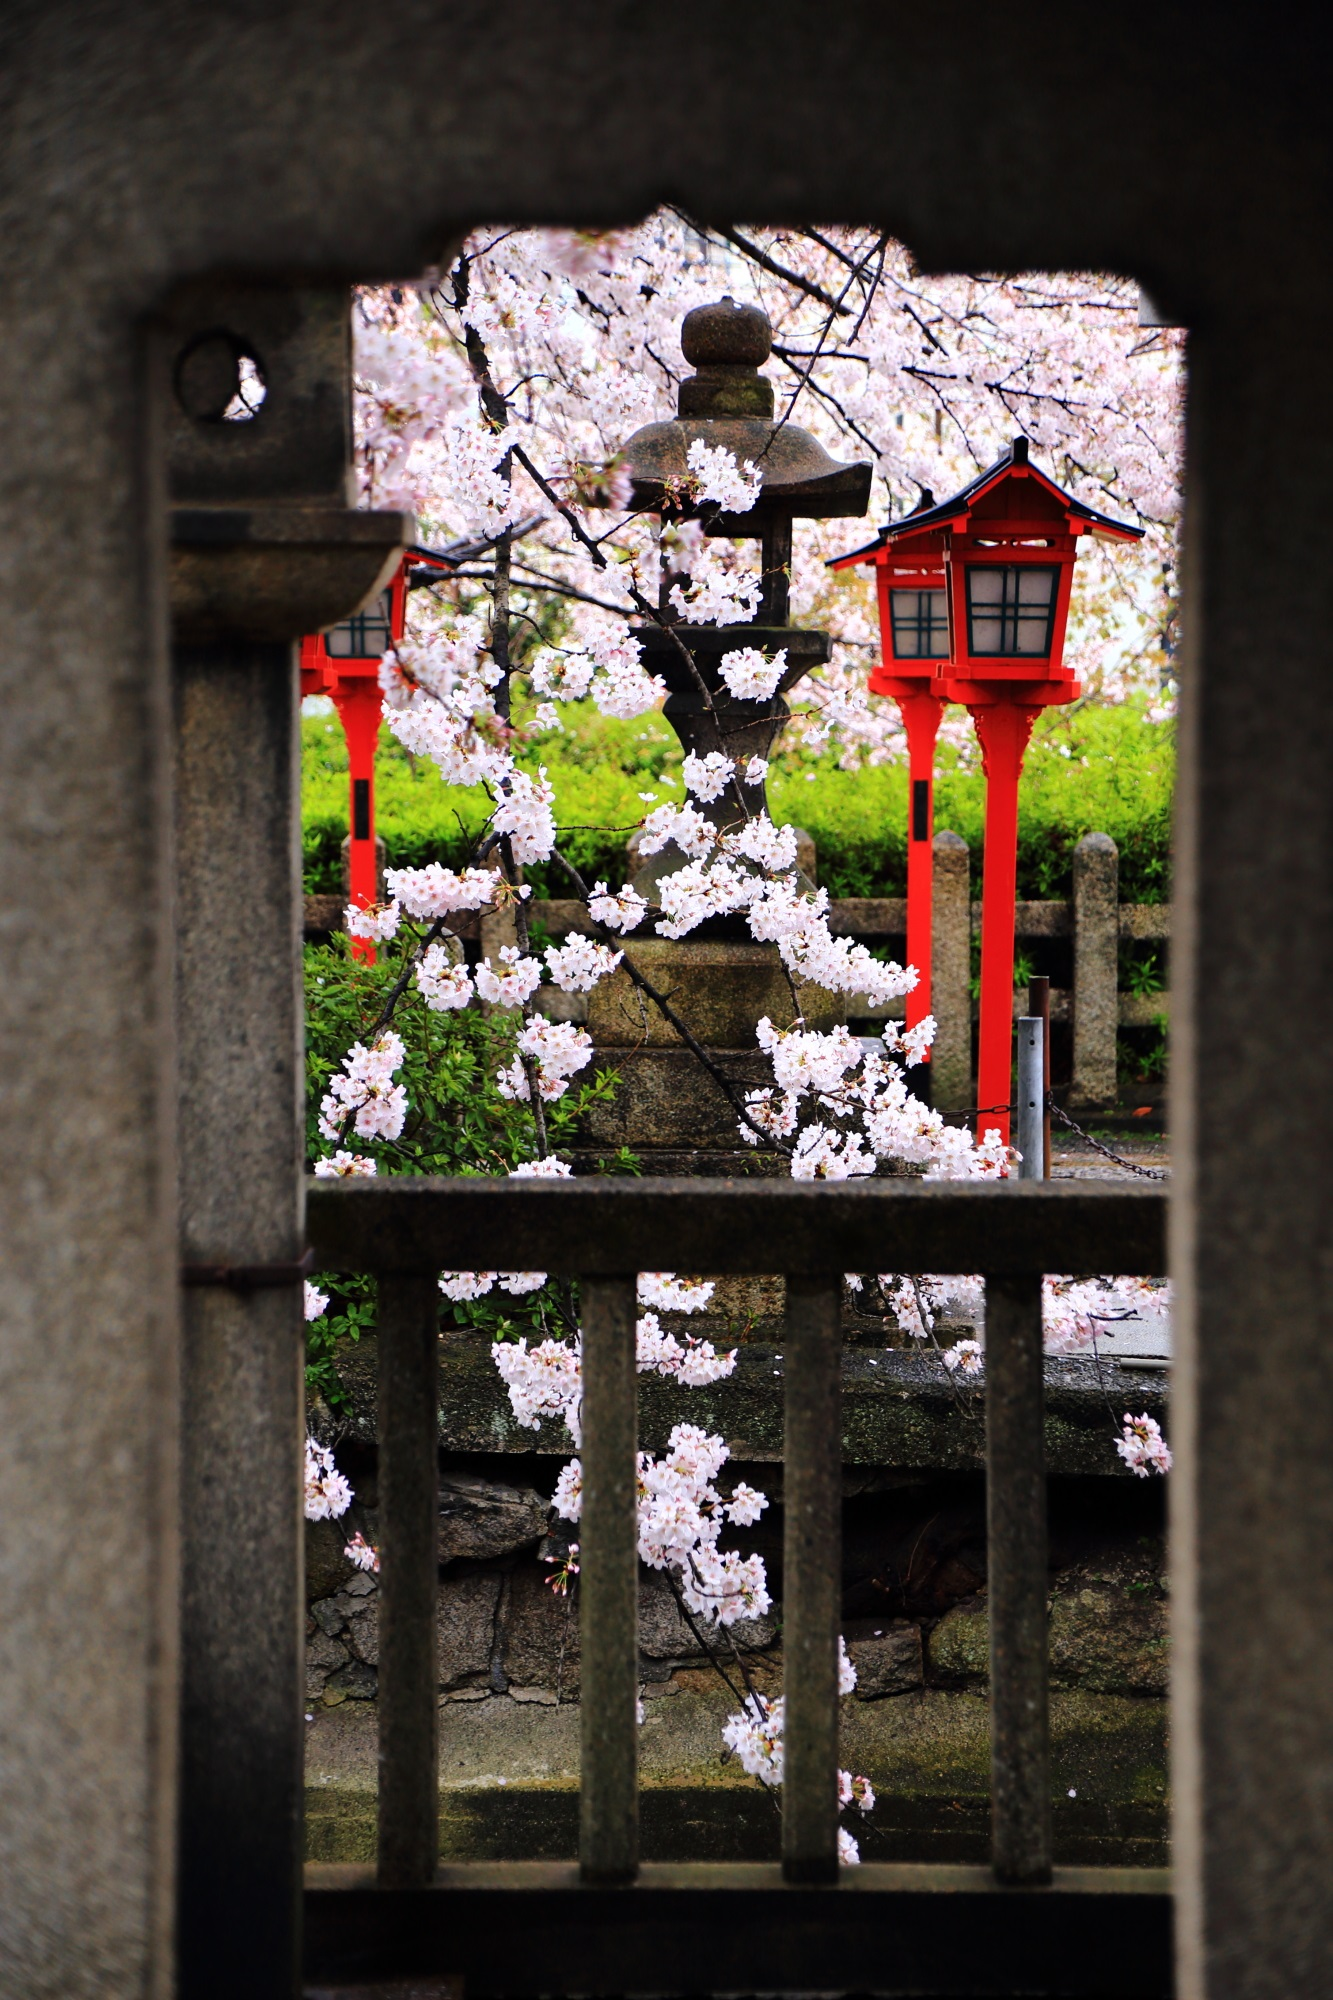 六孫王神社の素晴らしい雨の桜と春の情景